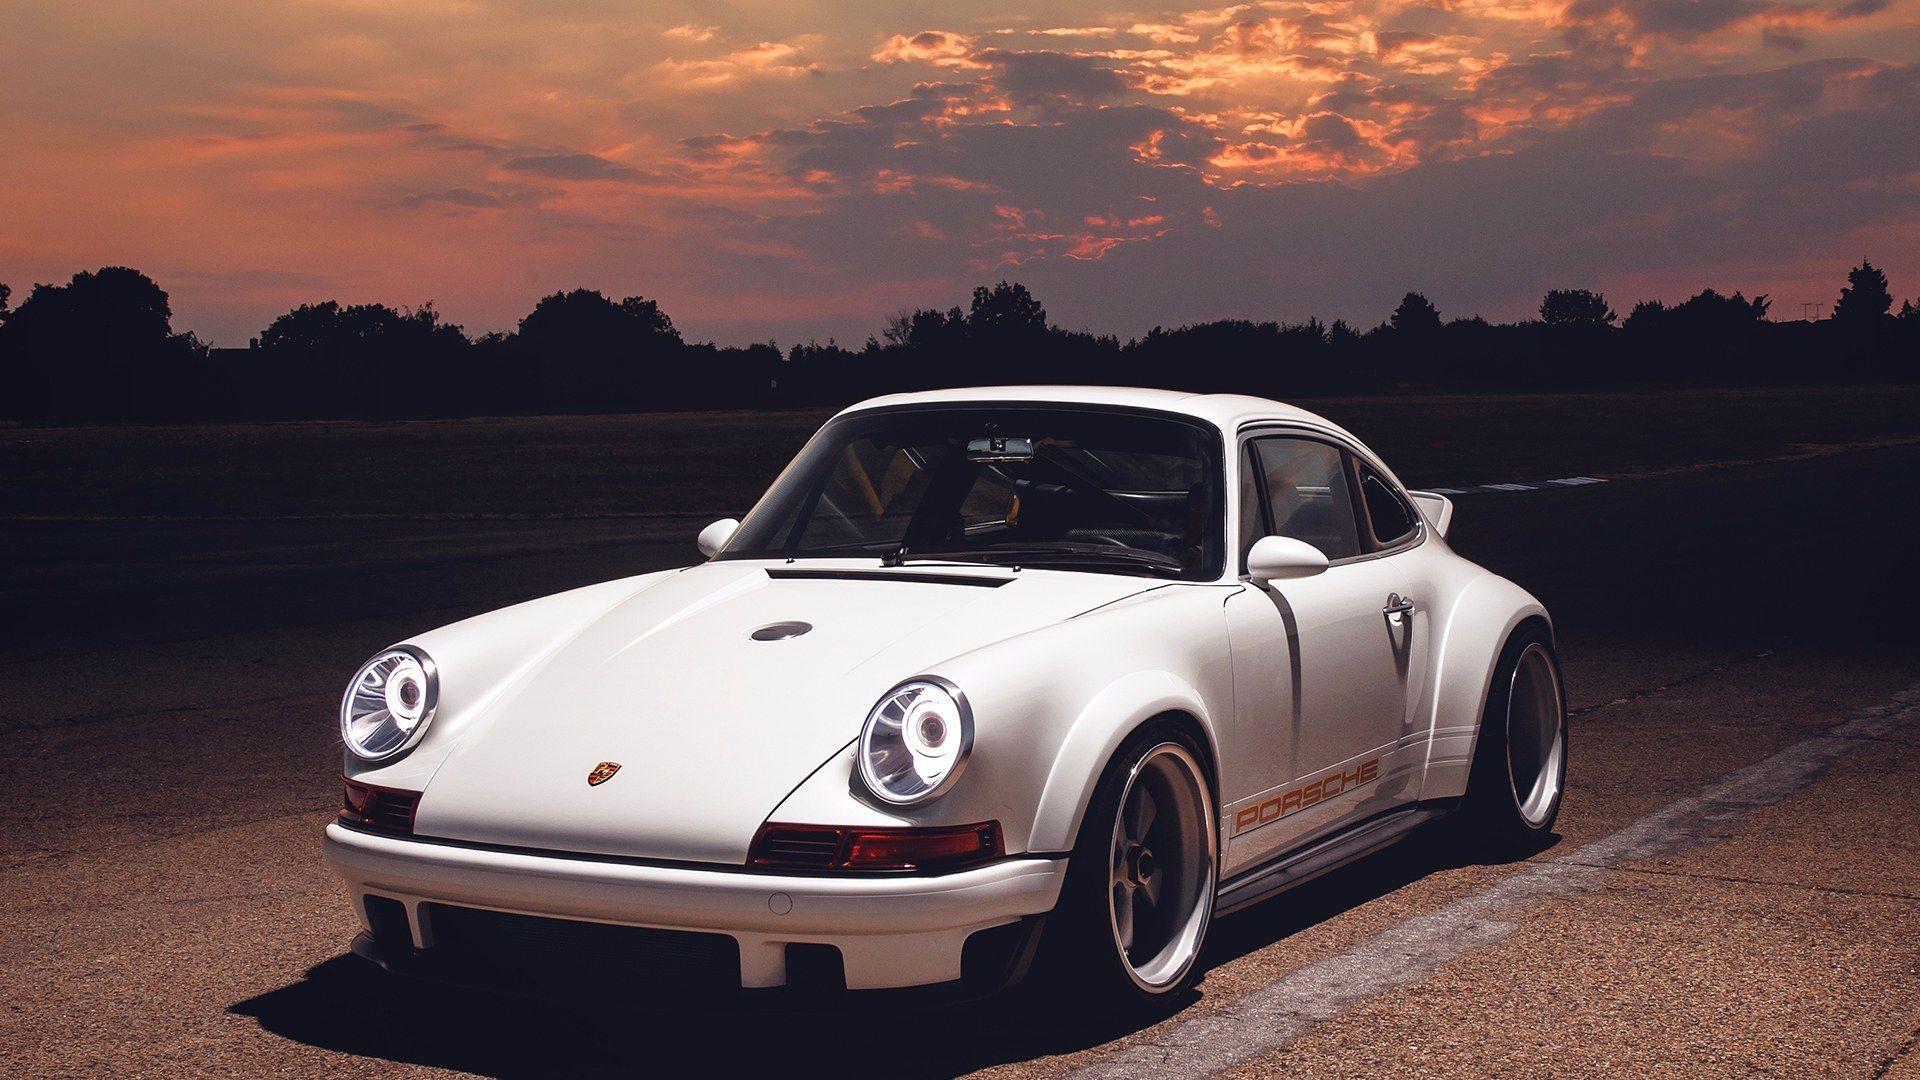 Is This The Greatest Porsche 911 Of All Time British Gq British Gq Singer Vehicle Design Singer Porsche Porsche 911